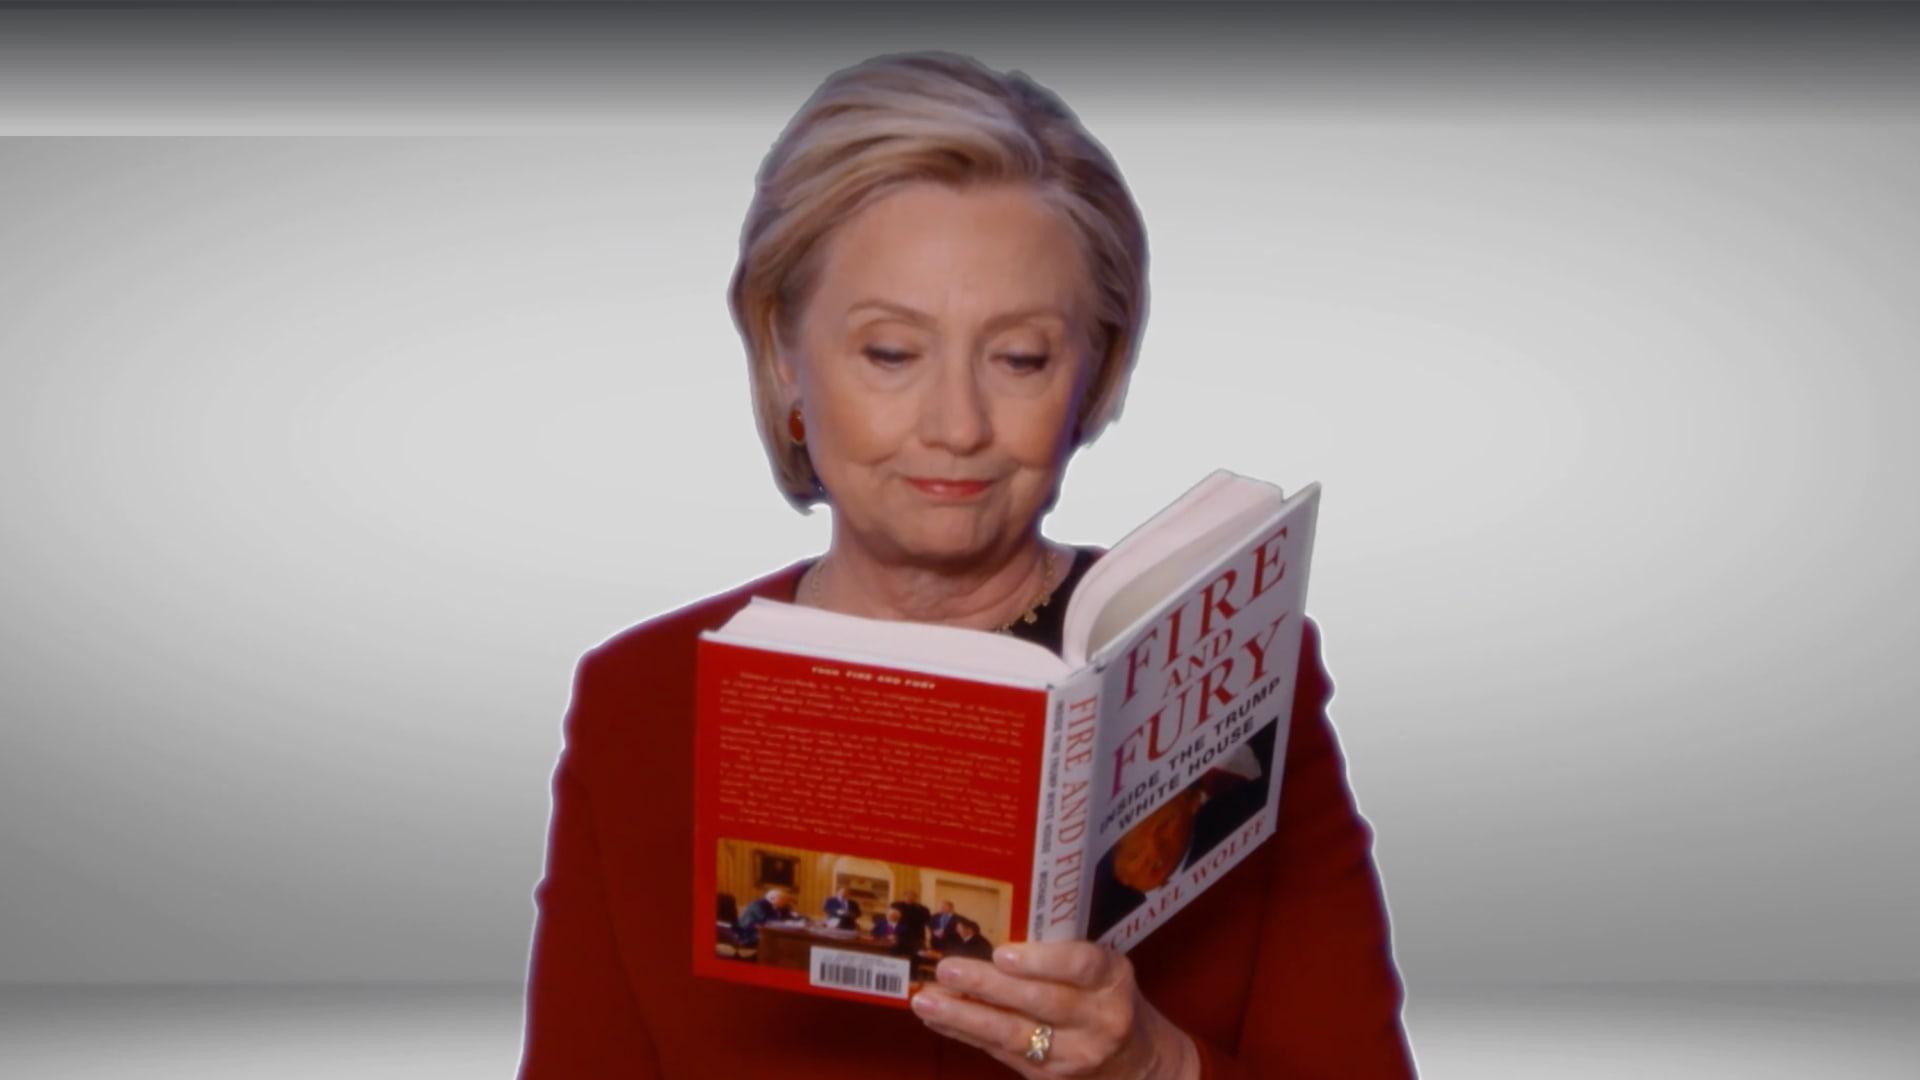 """شاهد.. كلينتون تقرأ من كتاب """"النار والغضب"""" بحفل توزيع جوائز غرامي"""